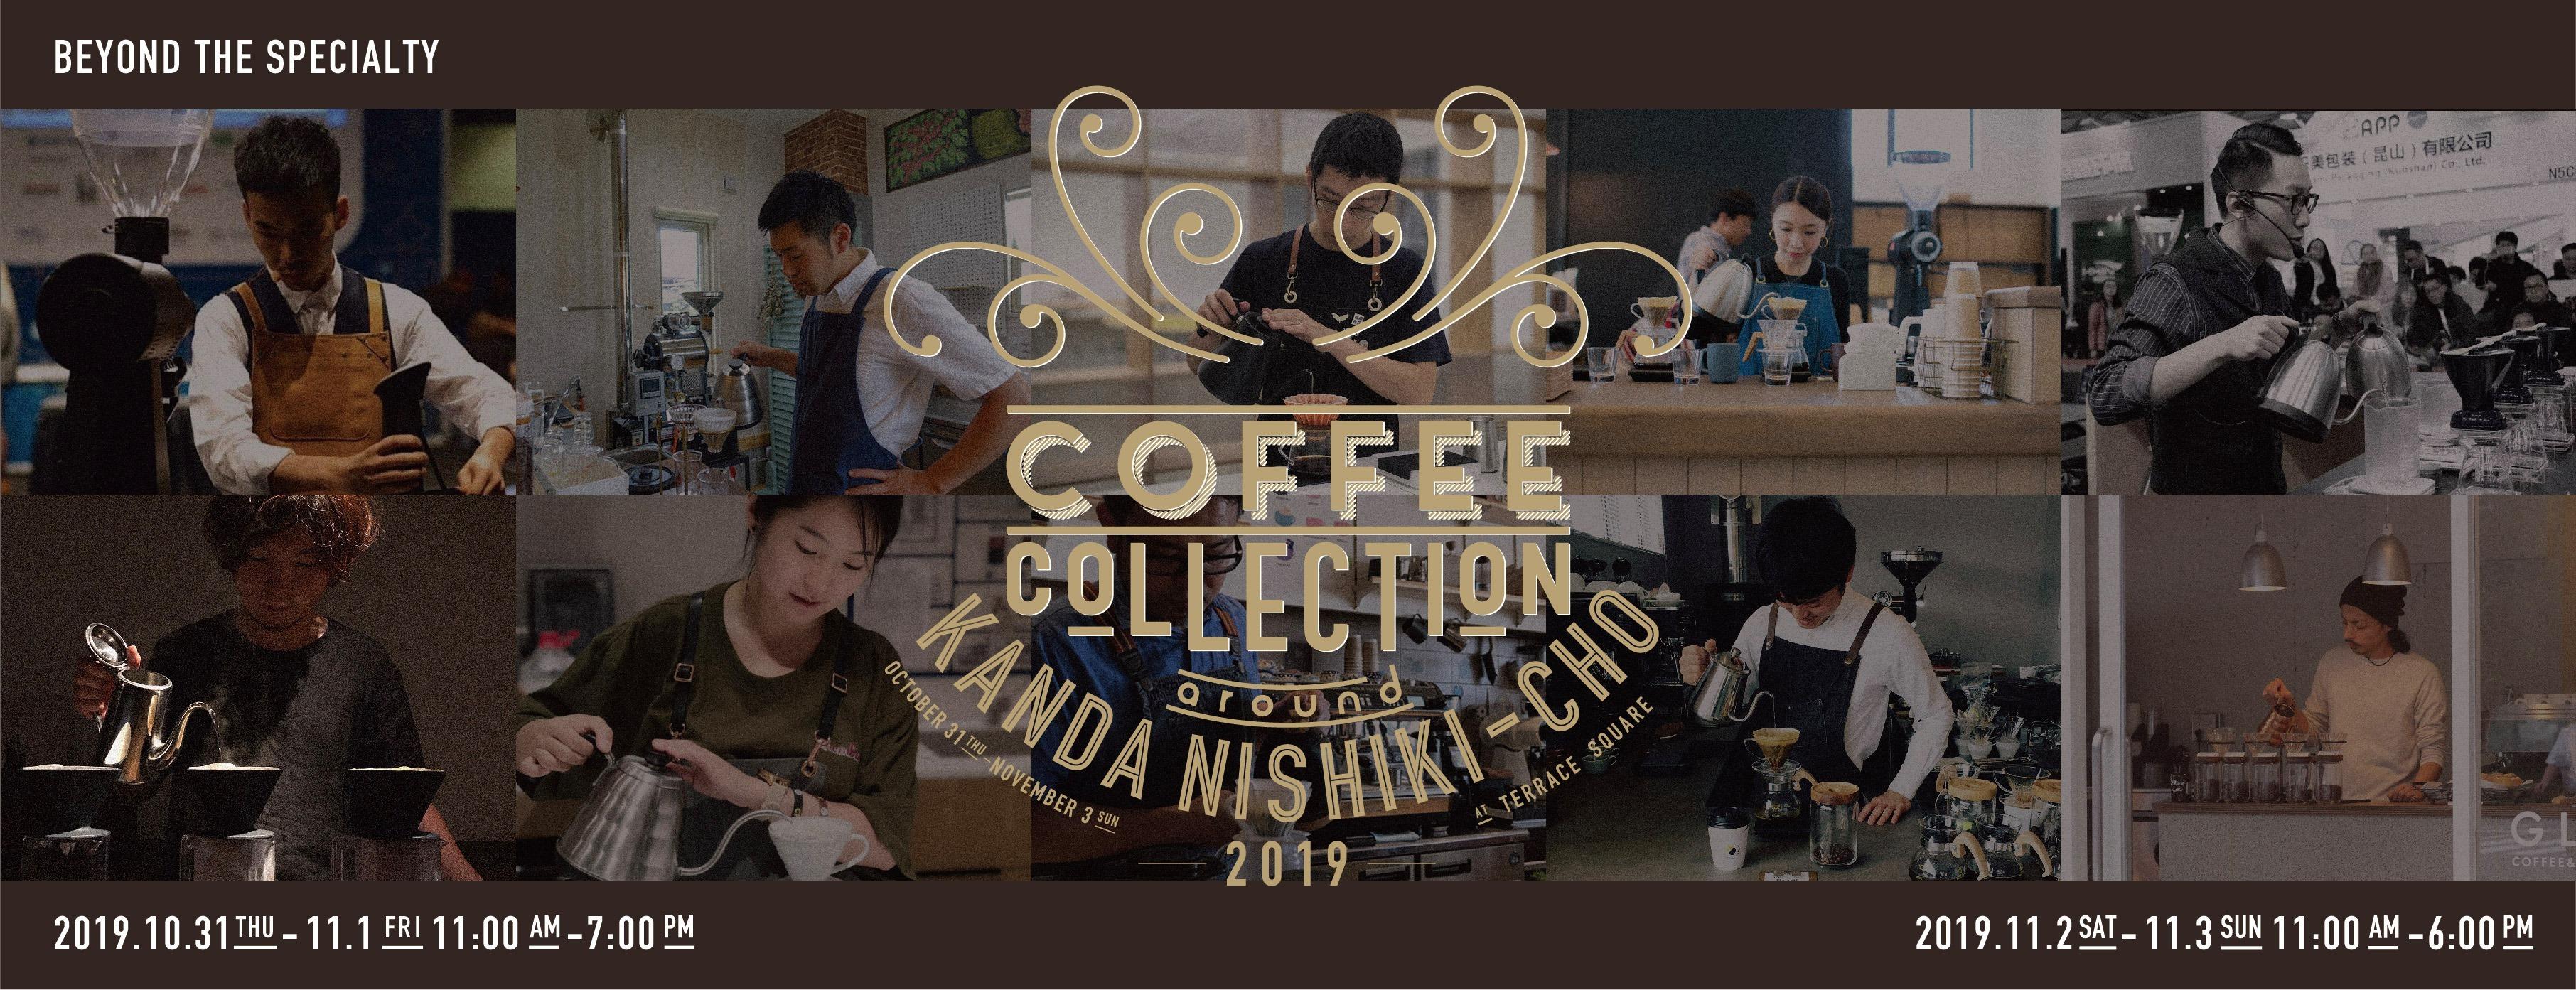 コーヒー好きによる、コーヒー好きのための祭典-神田「COFFEE COLLECTION 2019」開催